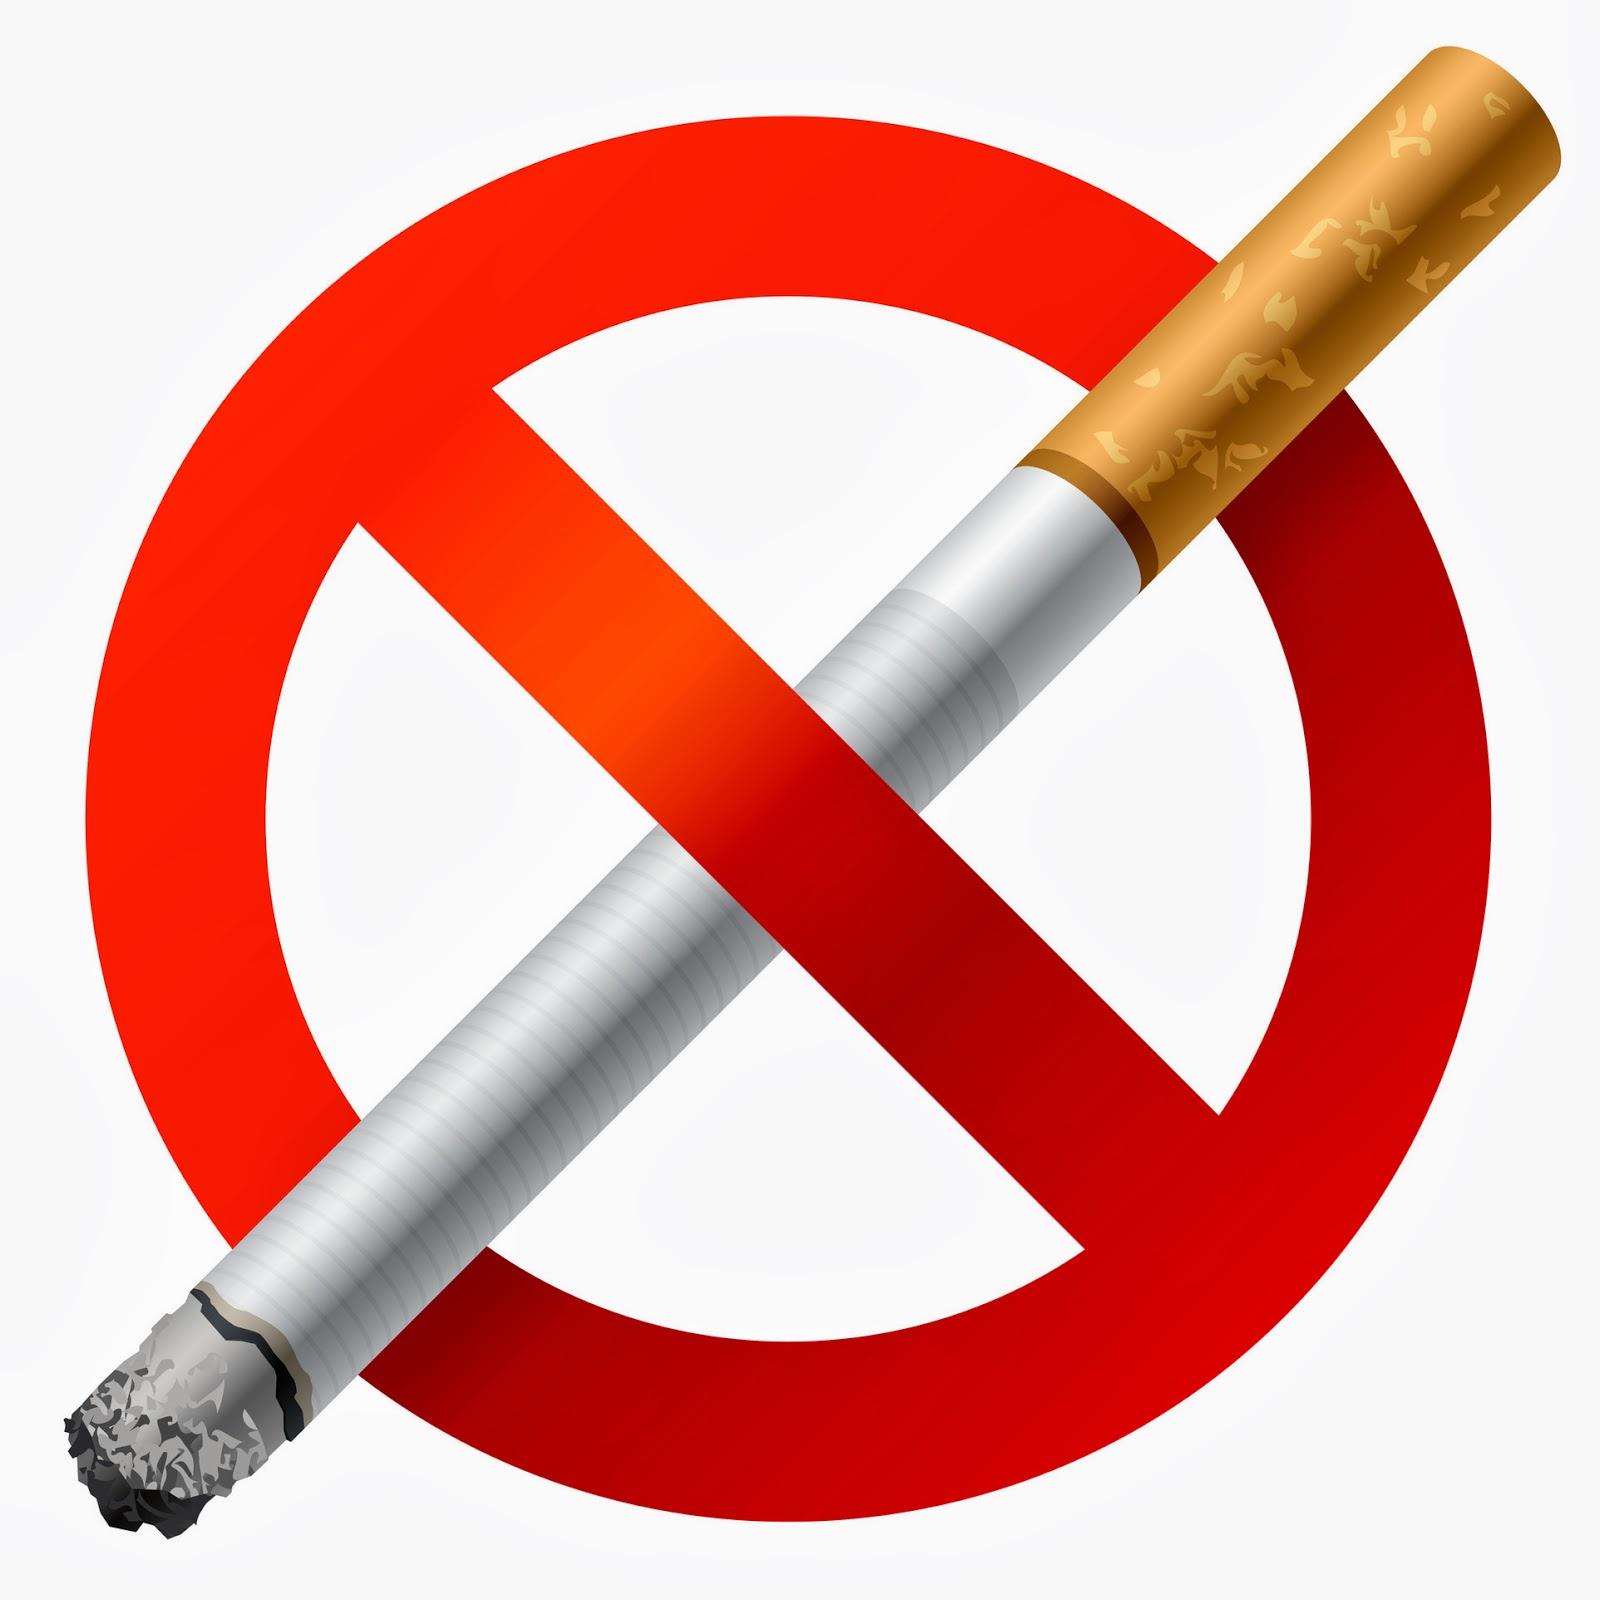 Si dejar fumar el riesgo del infarto